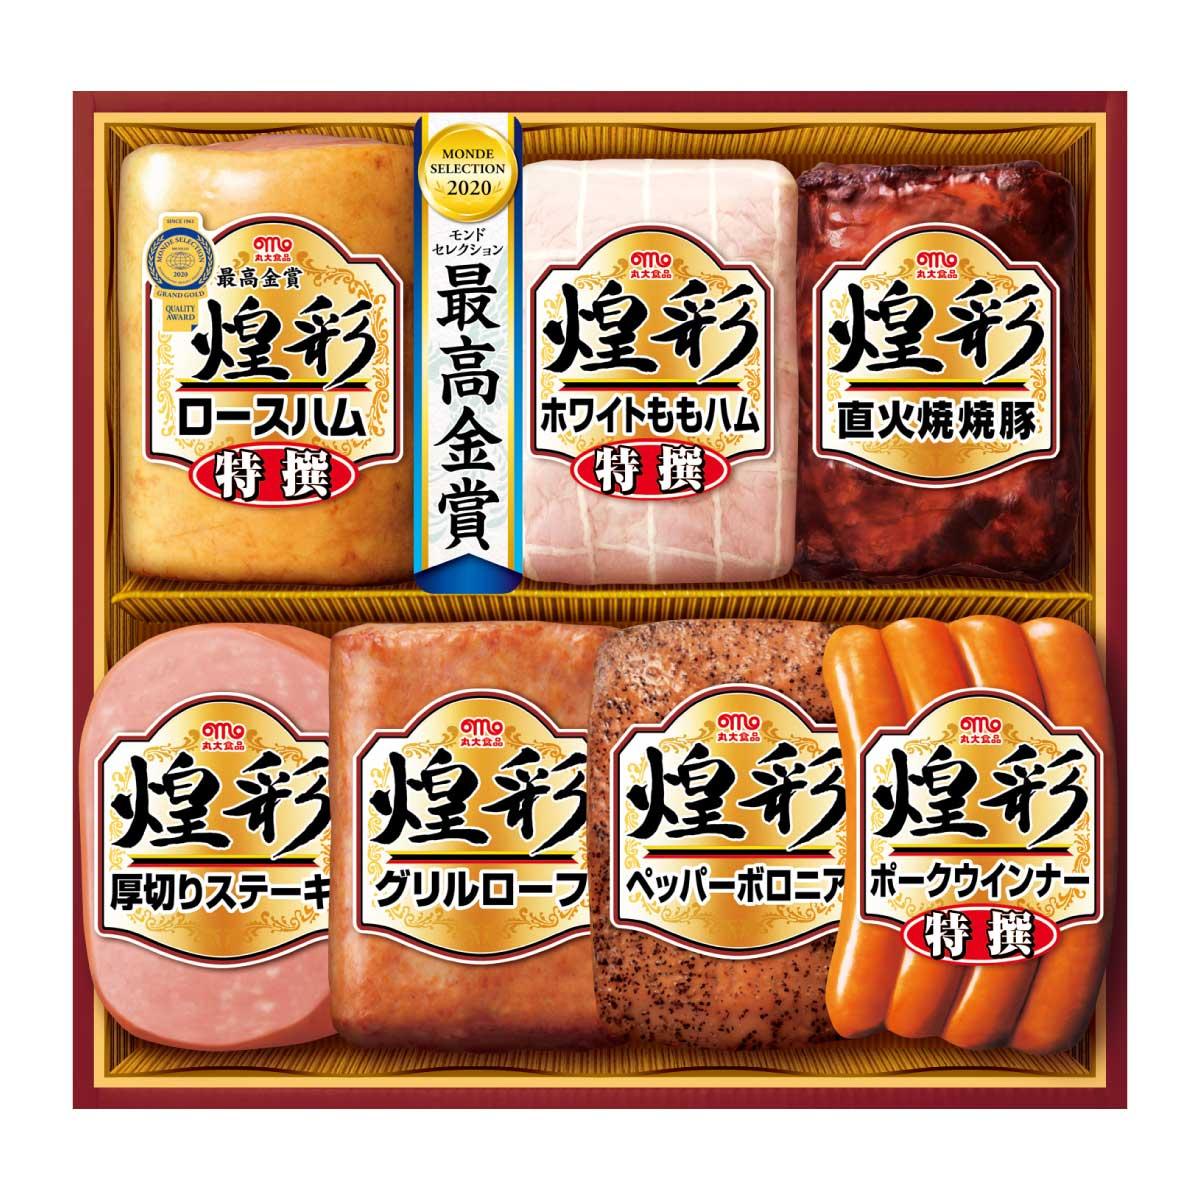 【送料無料】申込番号141* 丸大食品 煌彩ギフト<MV-607>【お中元】【御中元】【夏ギフト】